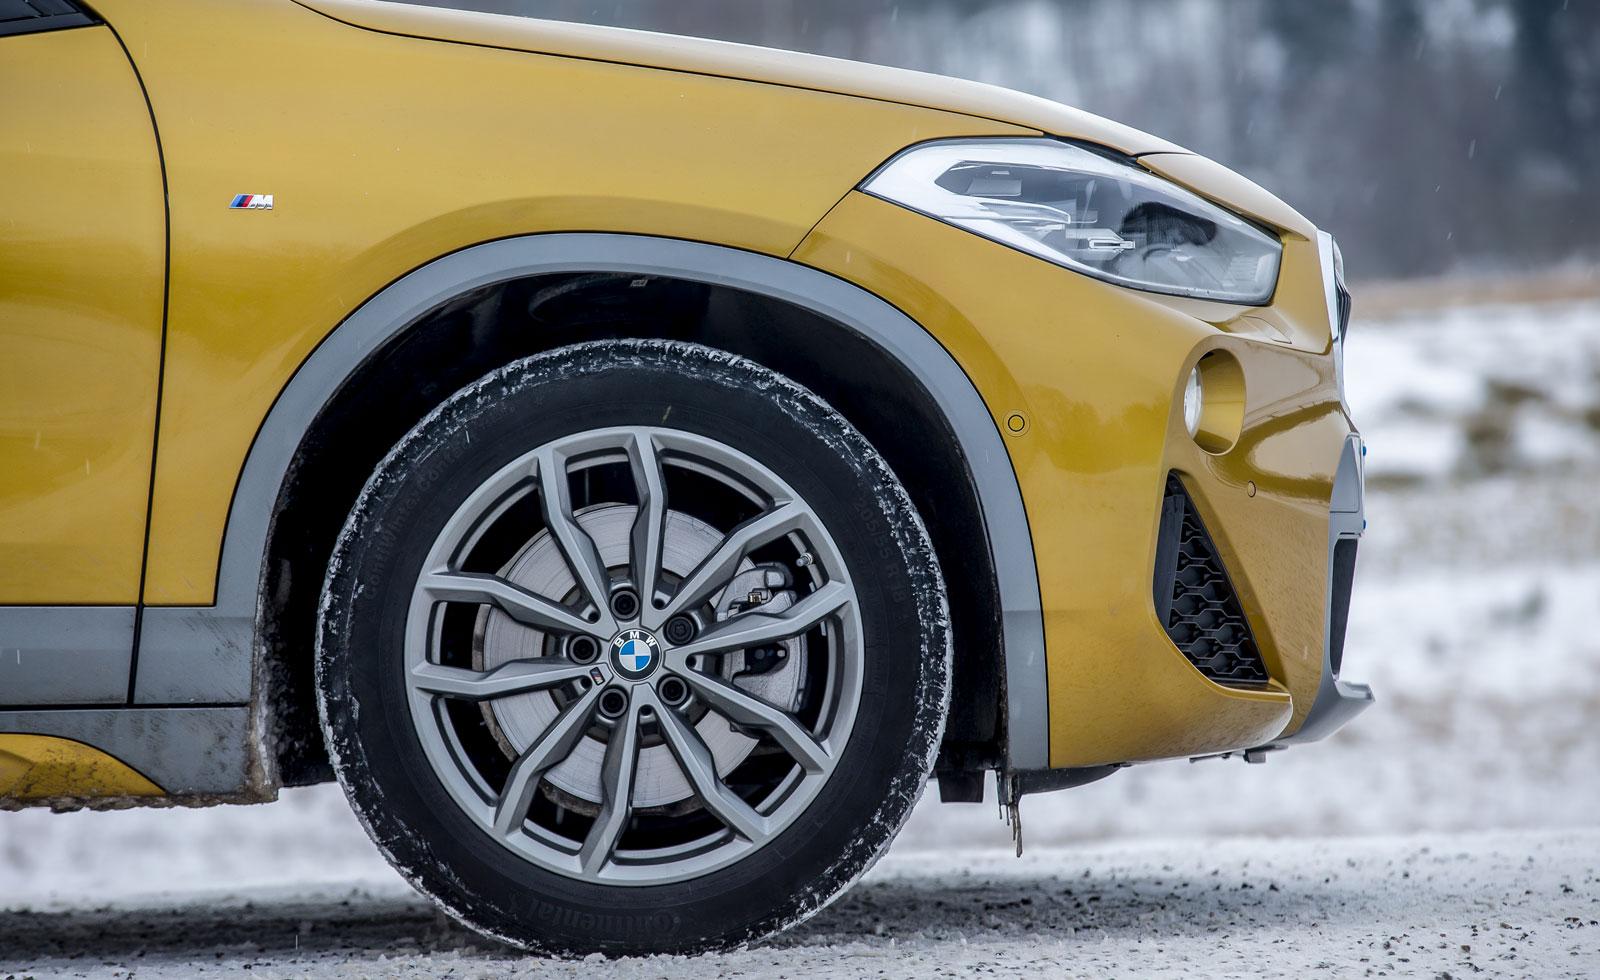 BMW:s karossdekor med grå plastpartier ger karaktär. Oväntat mycket däckbuller drar ned komfortintrycket, dimensionen är 205/55 R 18.